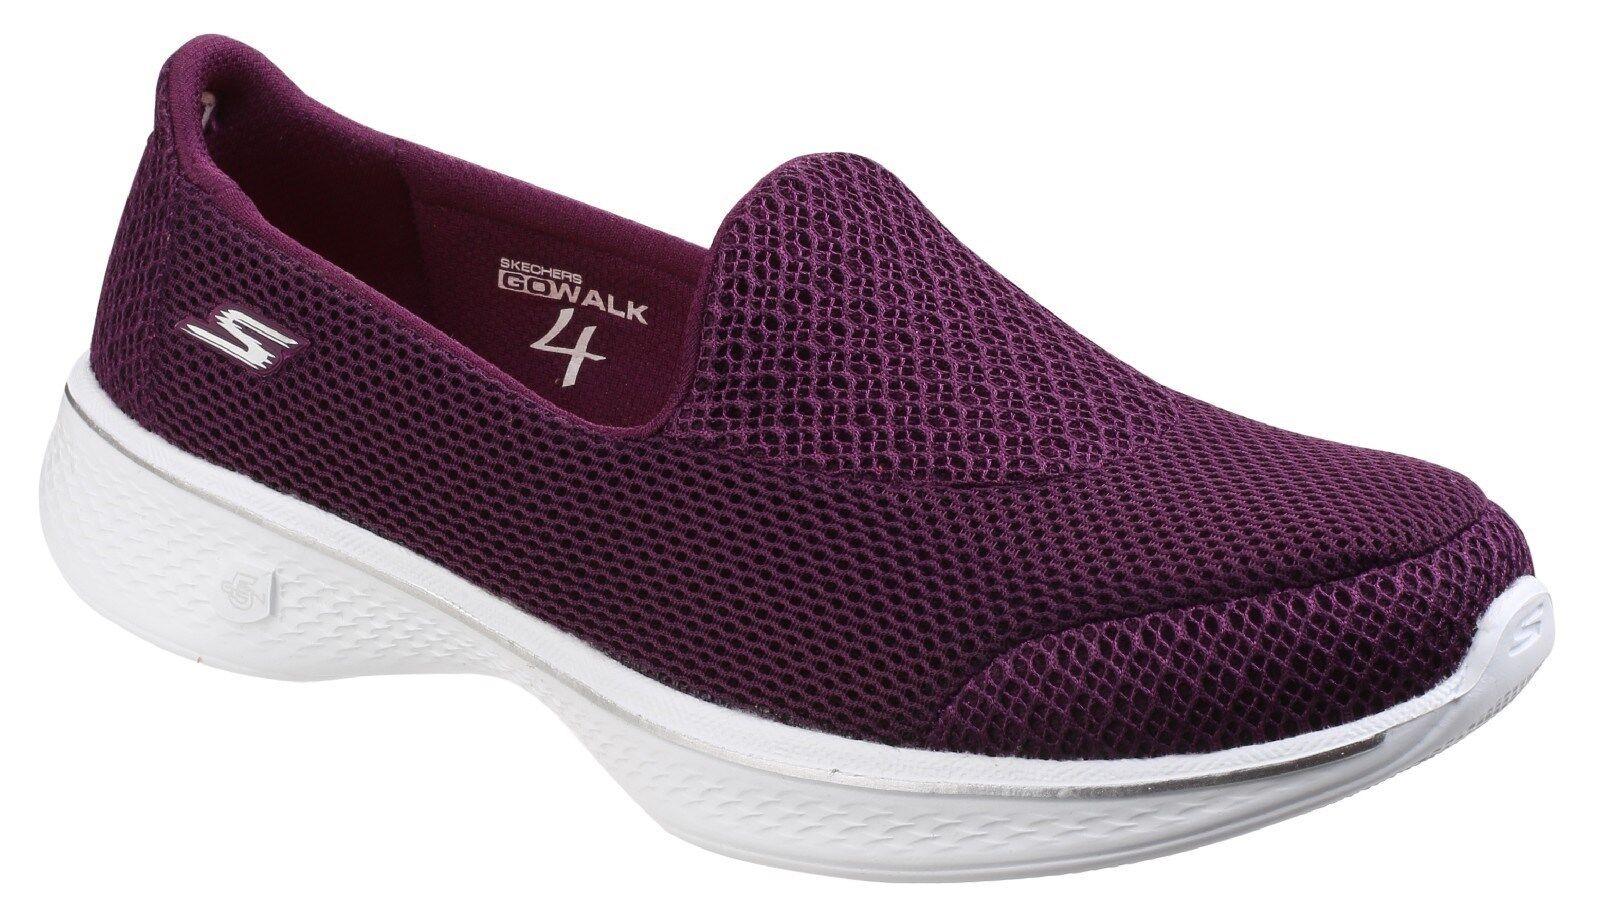 NEW SKECHERS Women Fitness Sneakers Trainers GO WALK 4 PURSUIT Purple